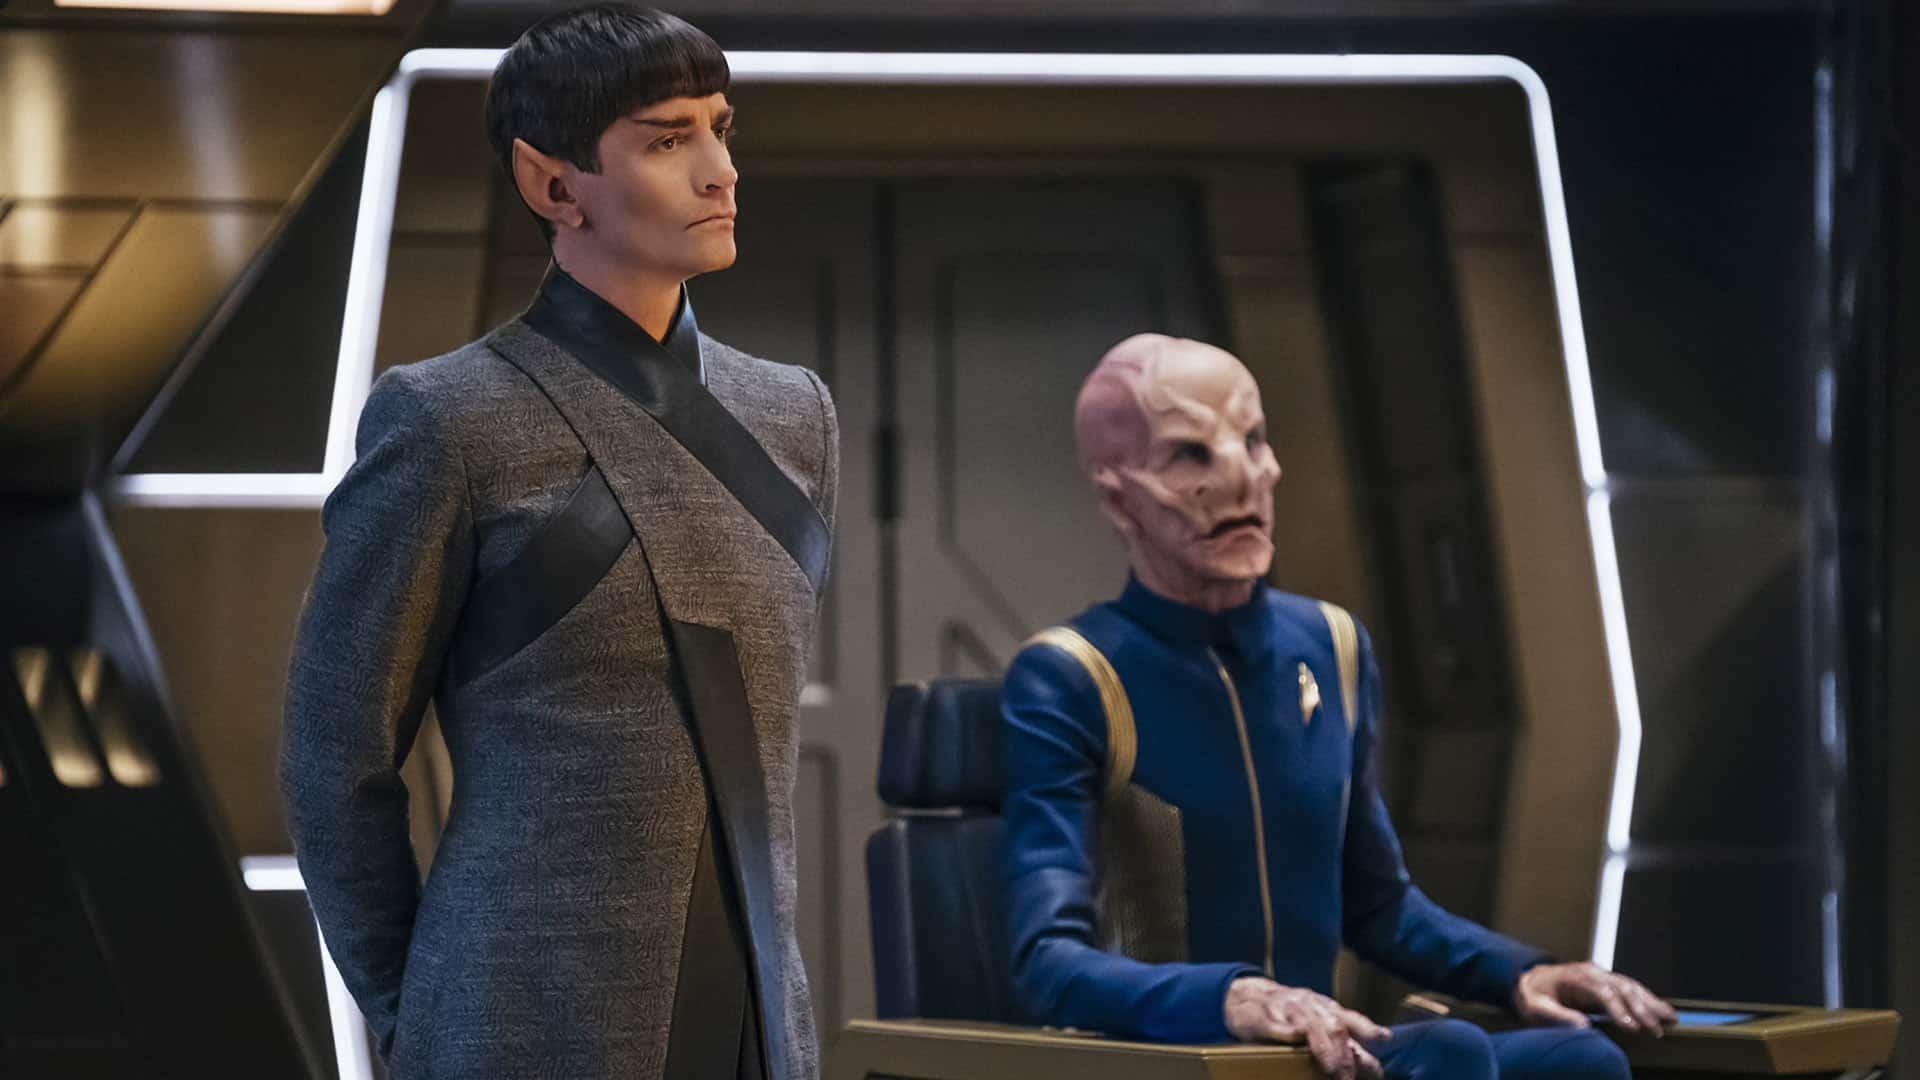 Saru pourrait bien être le Capitaine du Discovery mais rien n'est moins sûr.